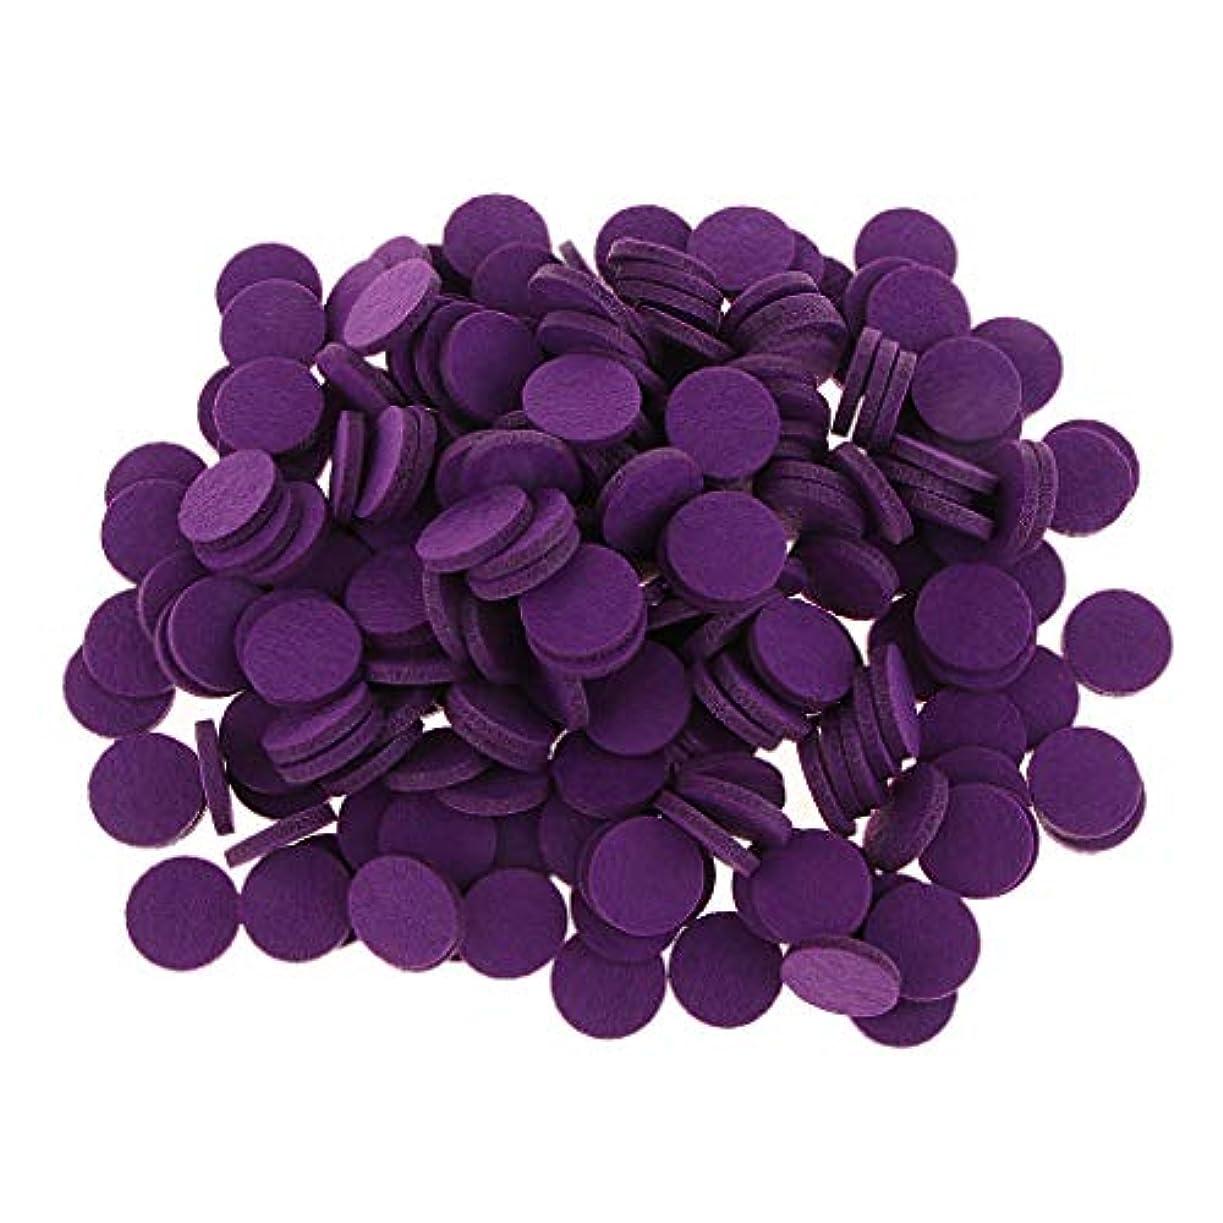 デンマークビルマ晴れFLAMEER ディフューザーパッド アロマパッド パッド 精油 エッセンシャルオイル 香り 約200個入り 全11色 - 紫の